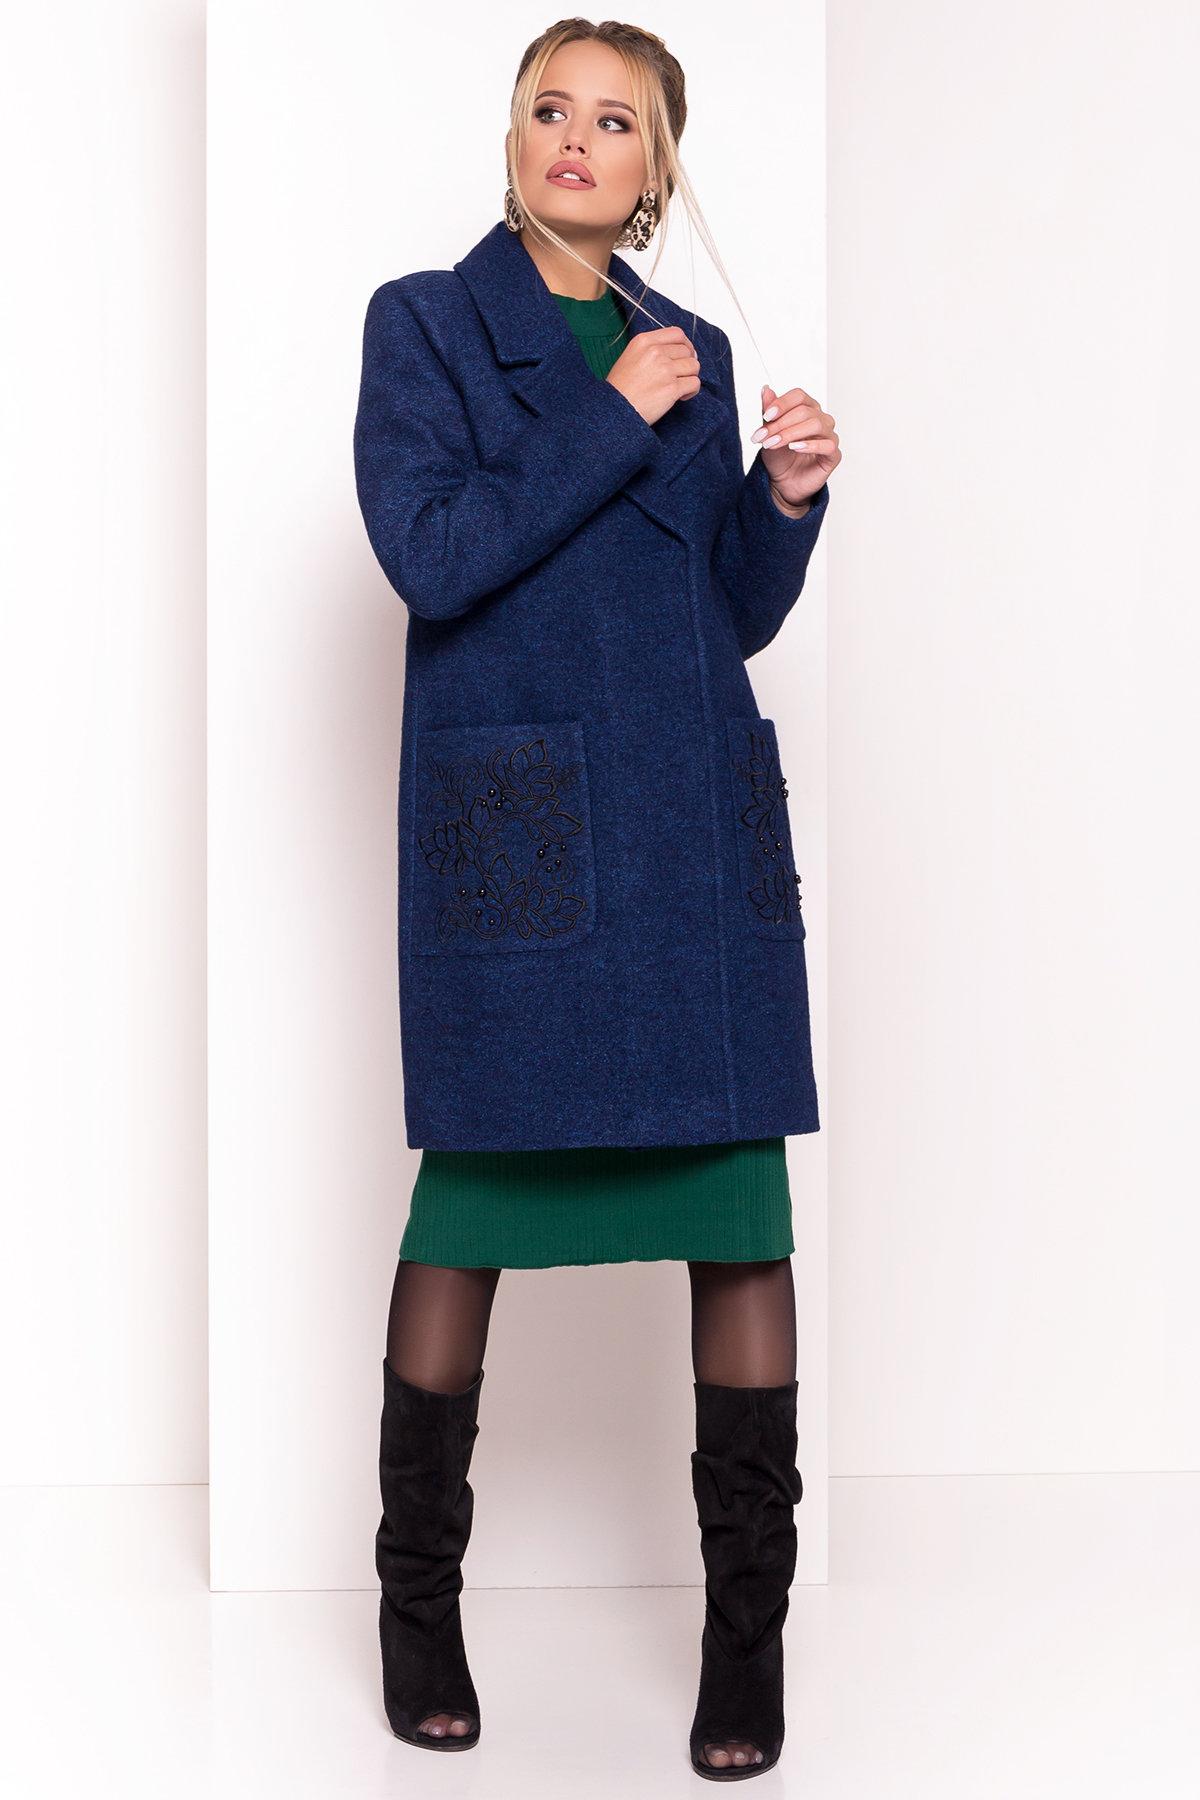 Демисезонное пальто из варенной шерсти Милена 5273 АРТ. 37590 Цвет: Т.синий/электрик-LW27 - фото 4, интернет магазин tm-modus.ru